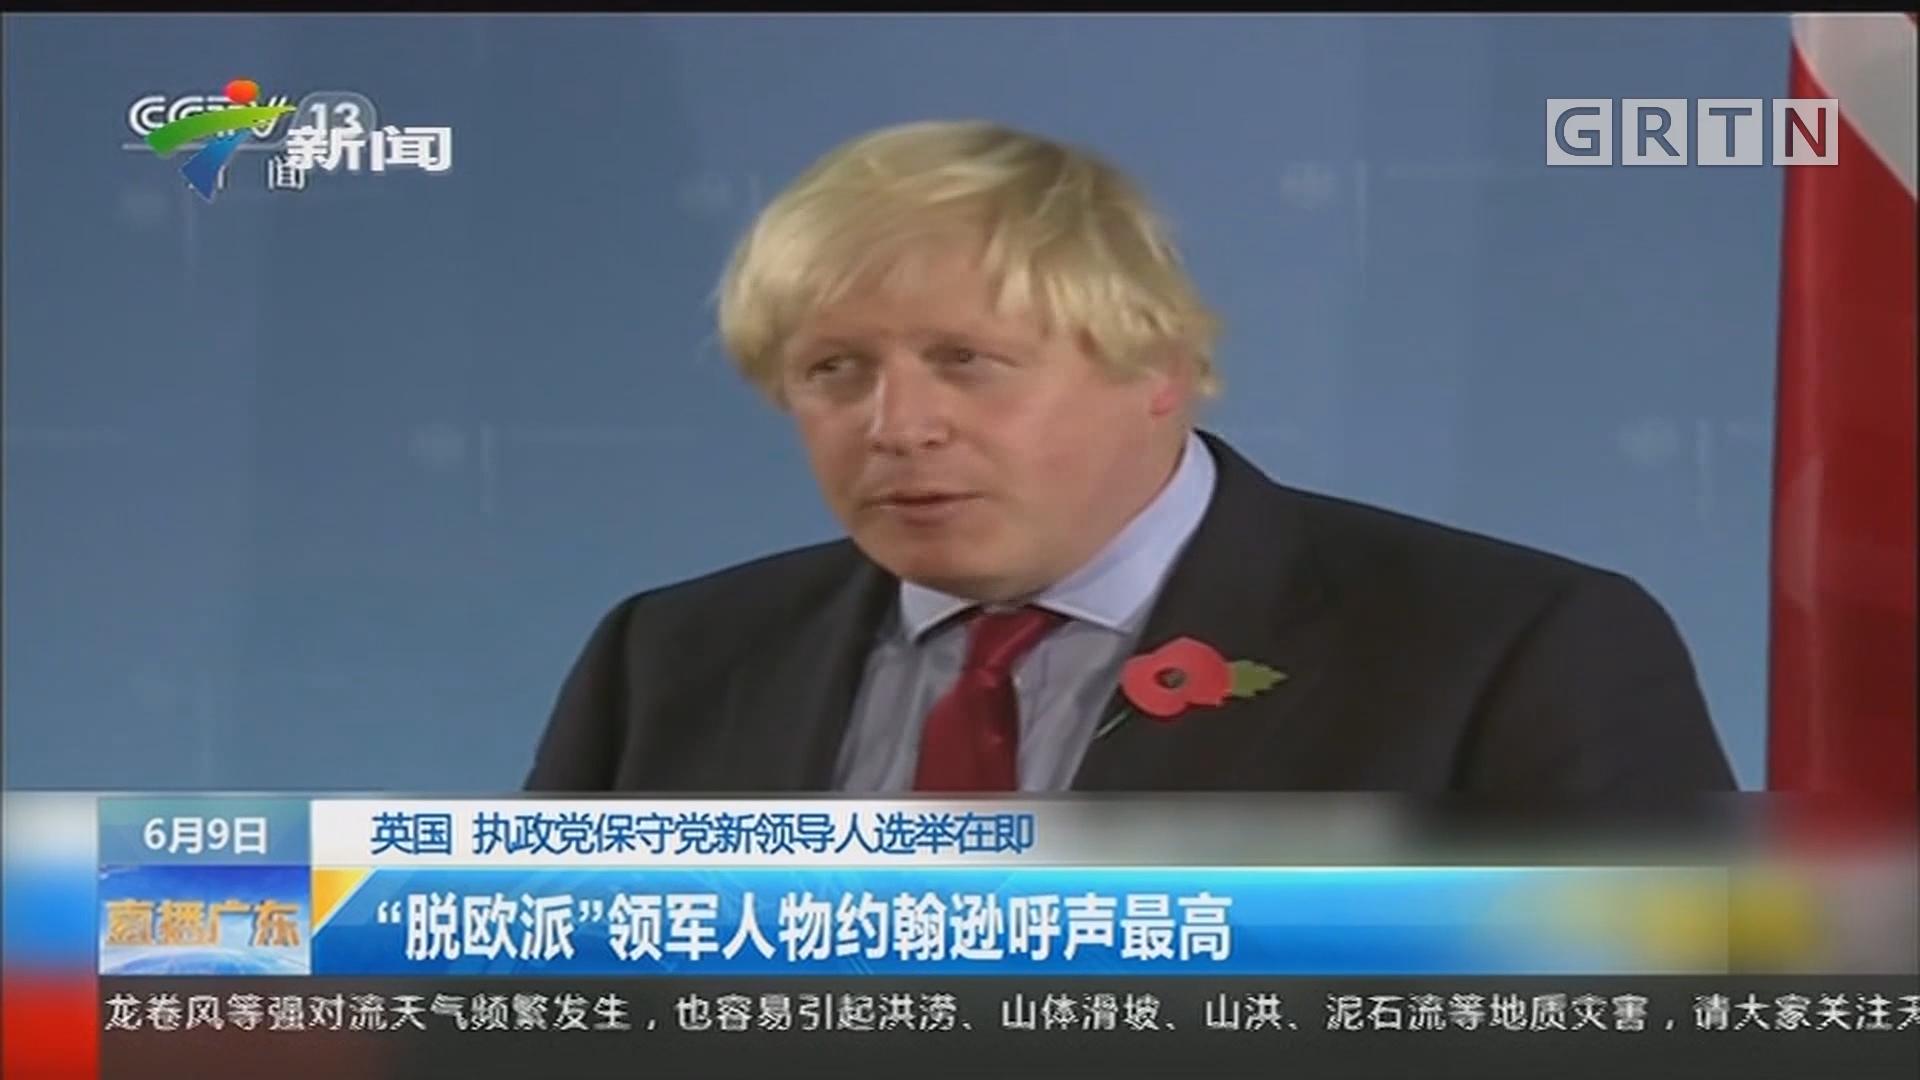 """英国 执政党保守党新领导人选举在即:""""脱欧派""""领军人物约翰逊呼声最高"""